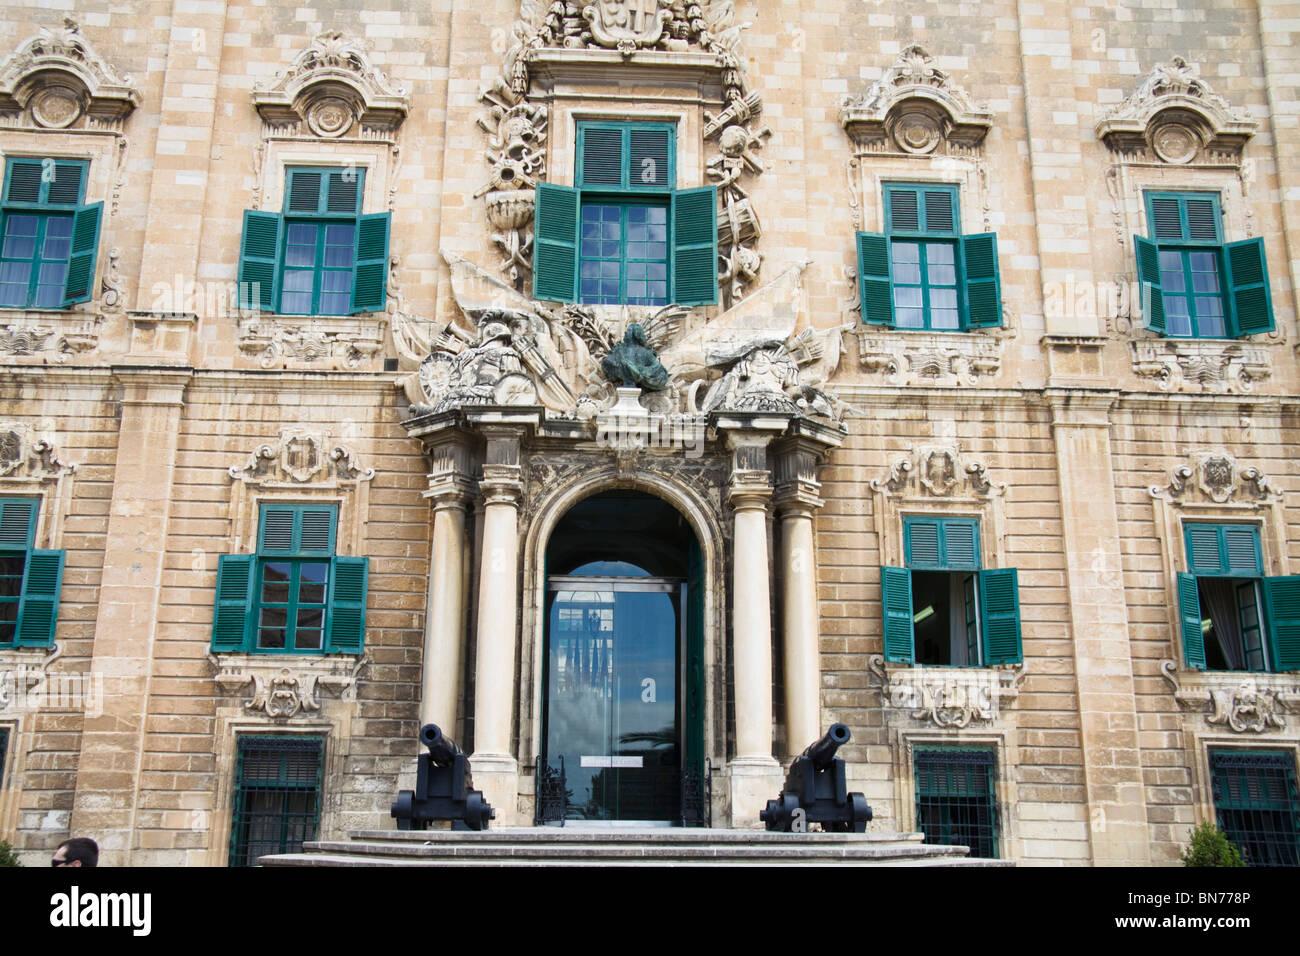 Auberge de Castille, Valletta, office of the Maltese Prime Minister - Stock Image